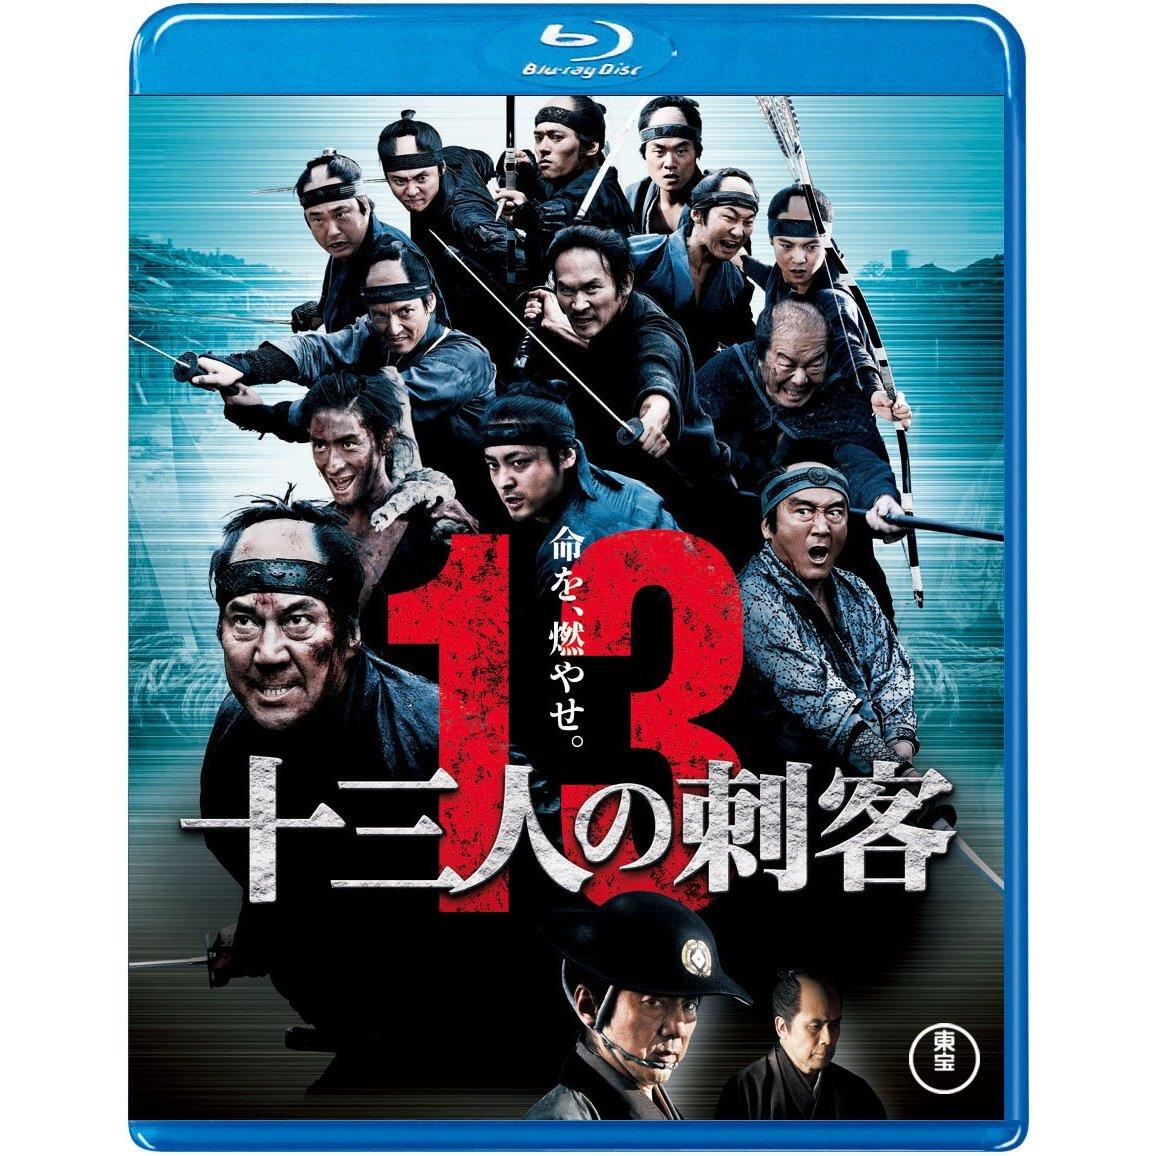 十三人の刺客 〈Blu-ray〉豪華版[TBR-21124D][Blu-ray/ブルーレイ] 製品画像